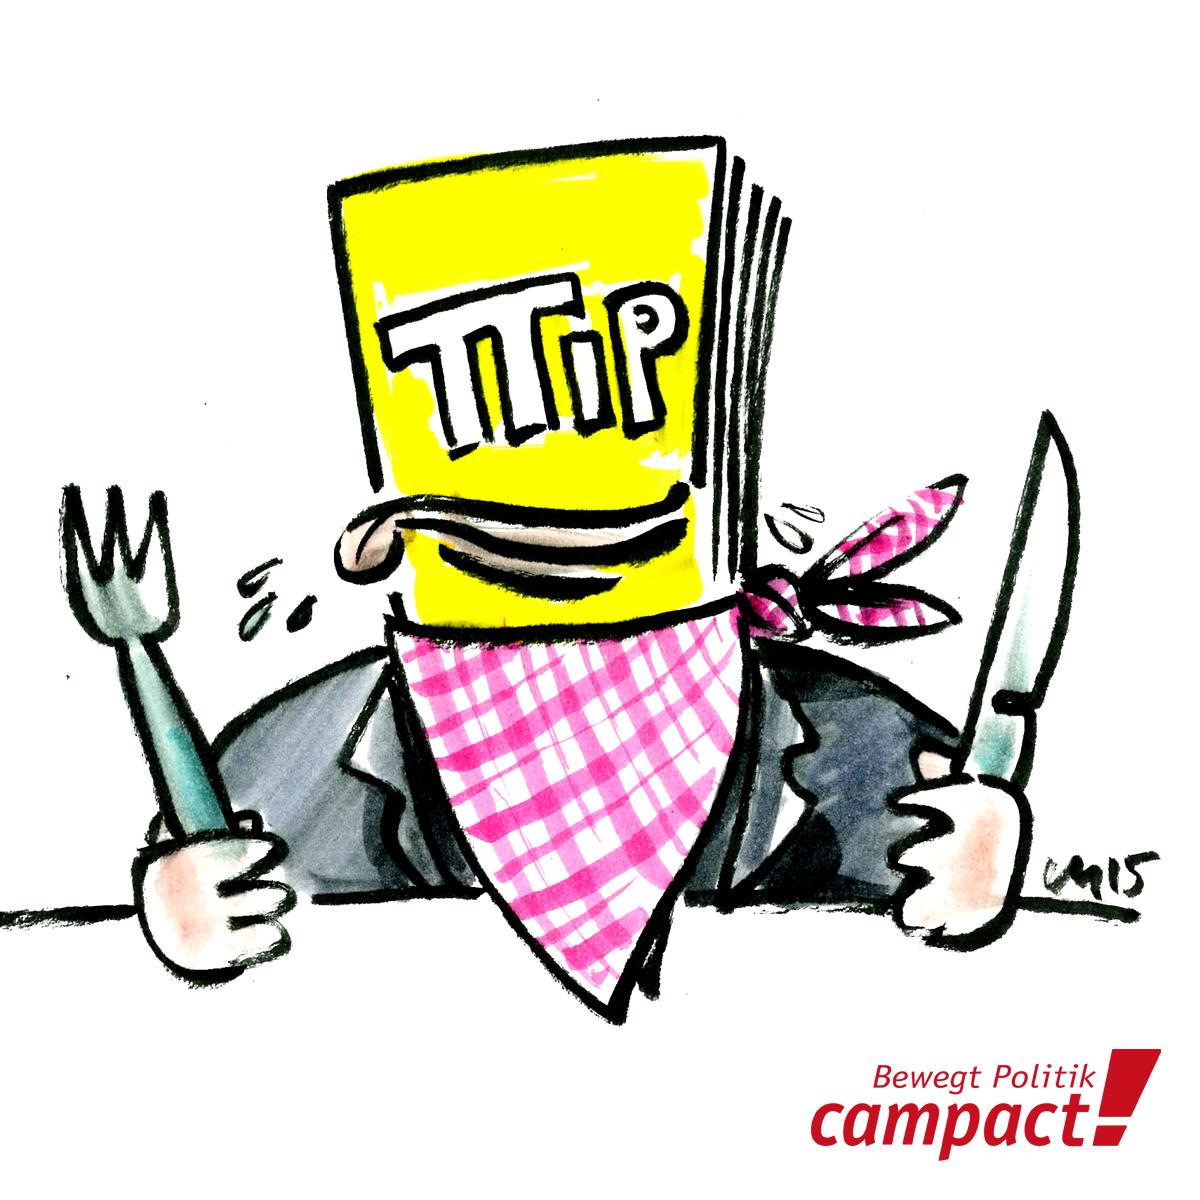 Karikatur: Campact/Zitrusblau, Martin Keune